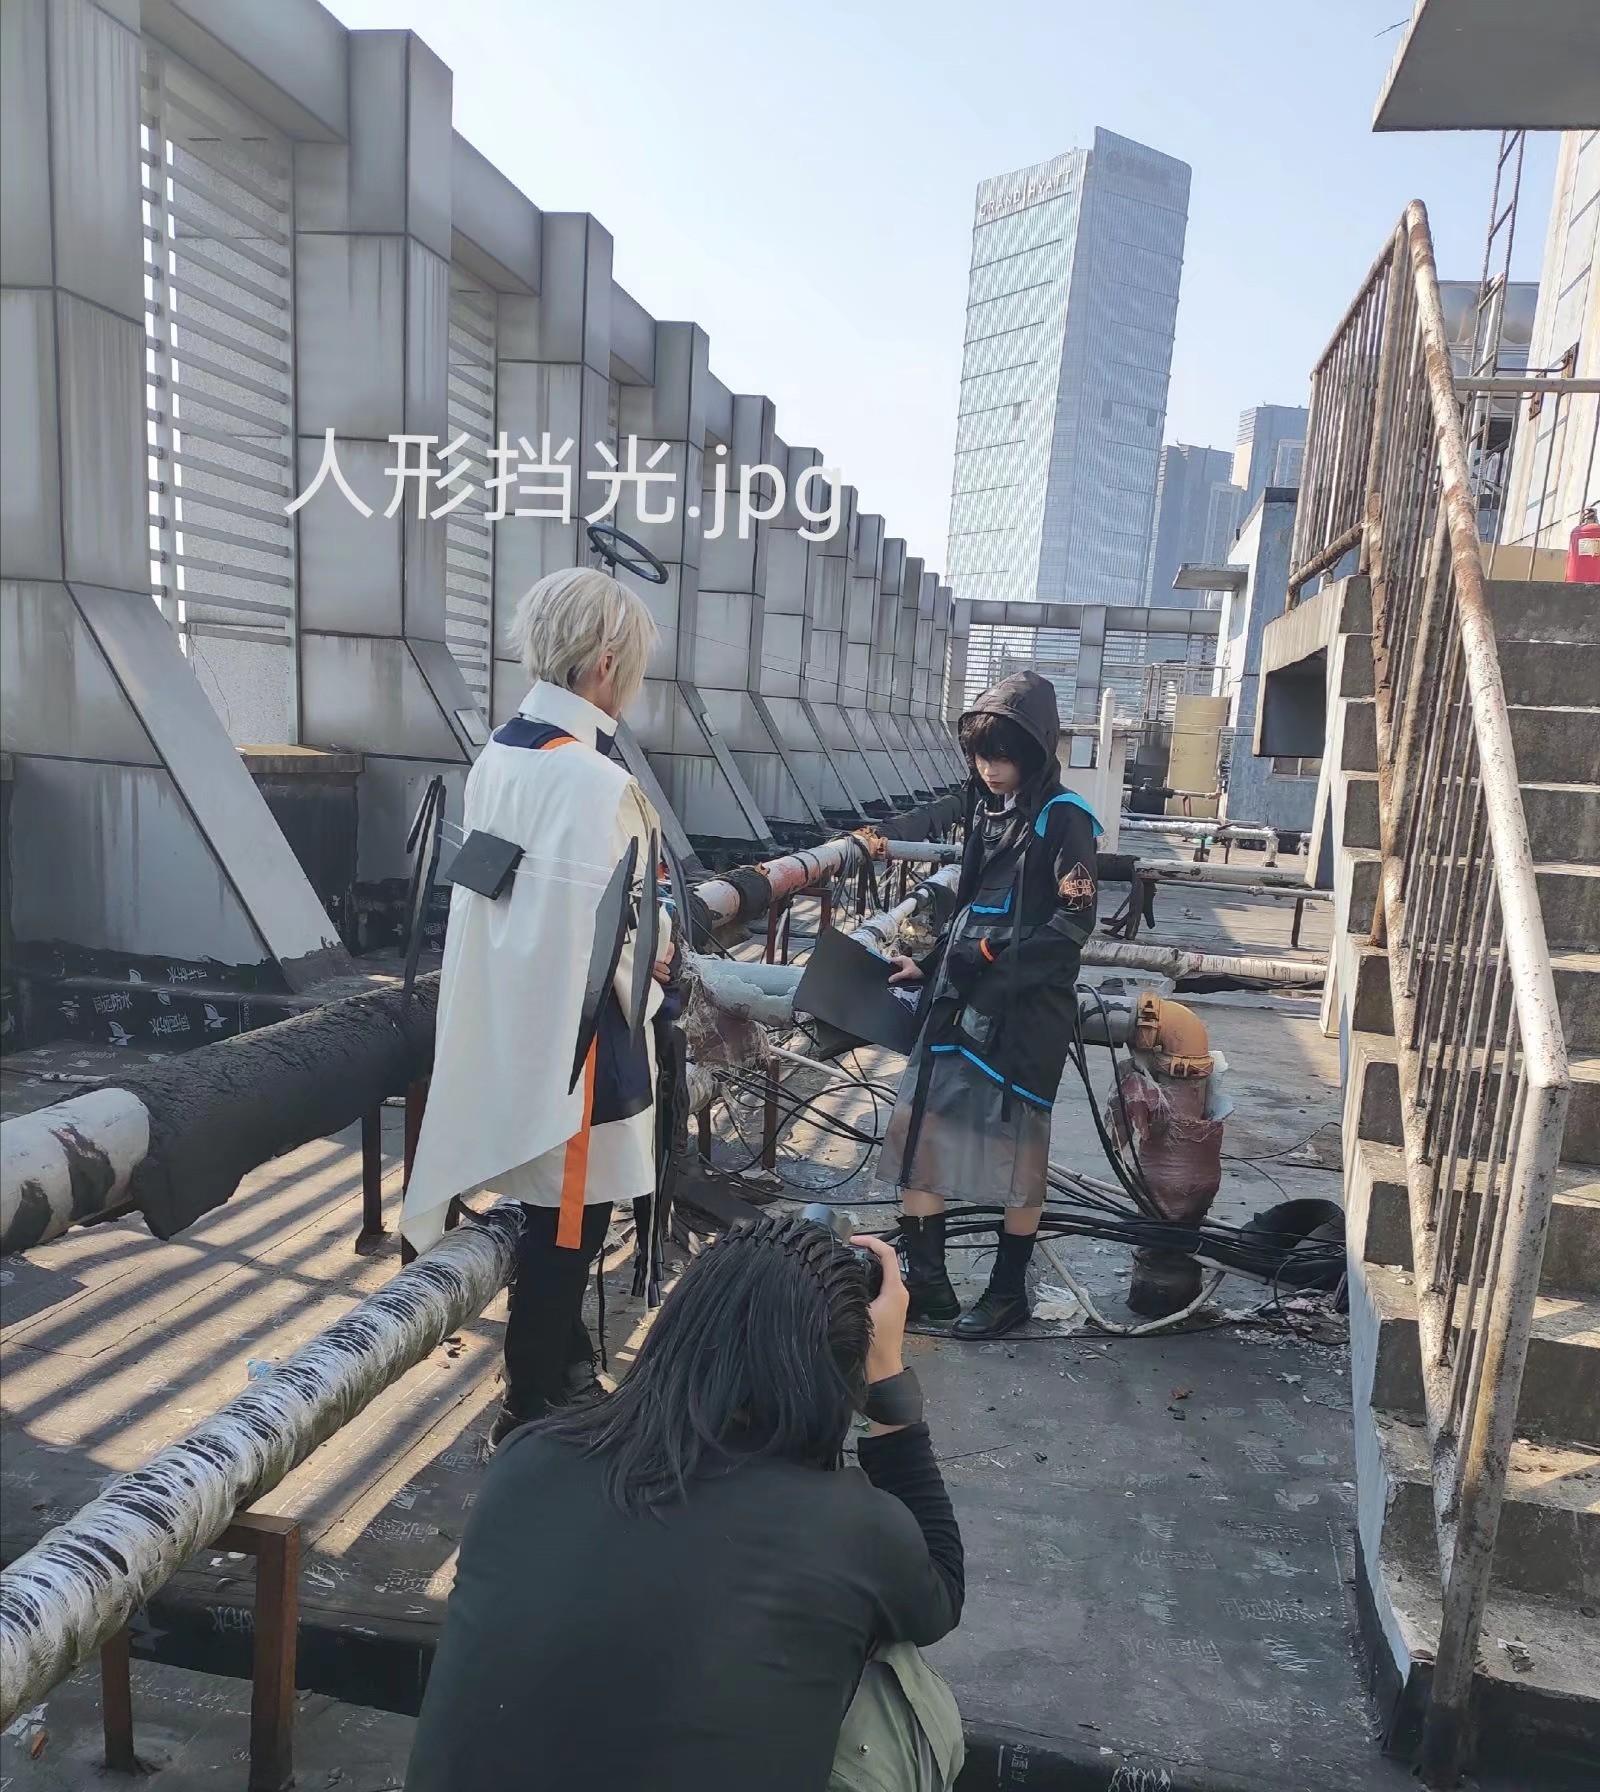 《明日方舟》表情包cosplay【CN:令和废物飘大炮】-第7张